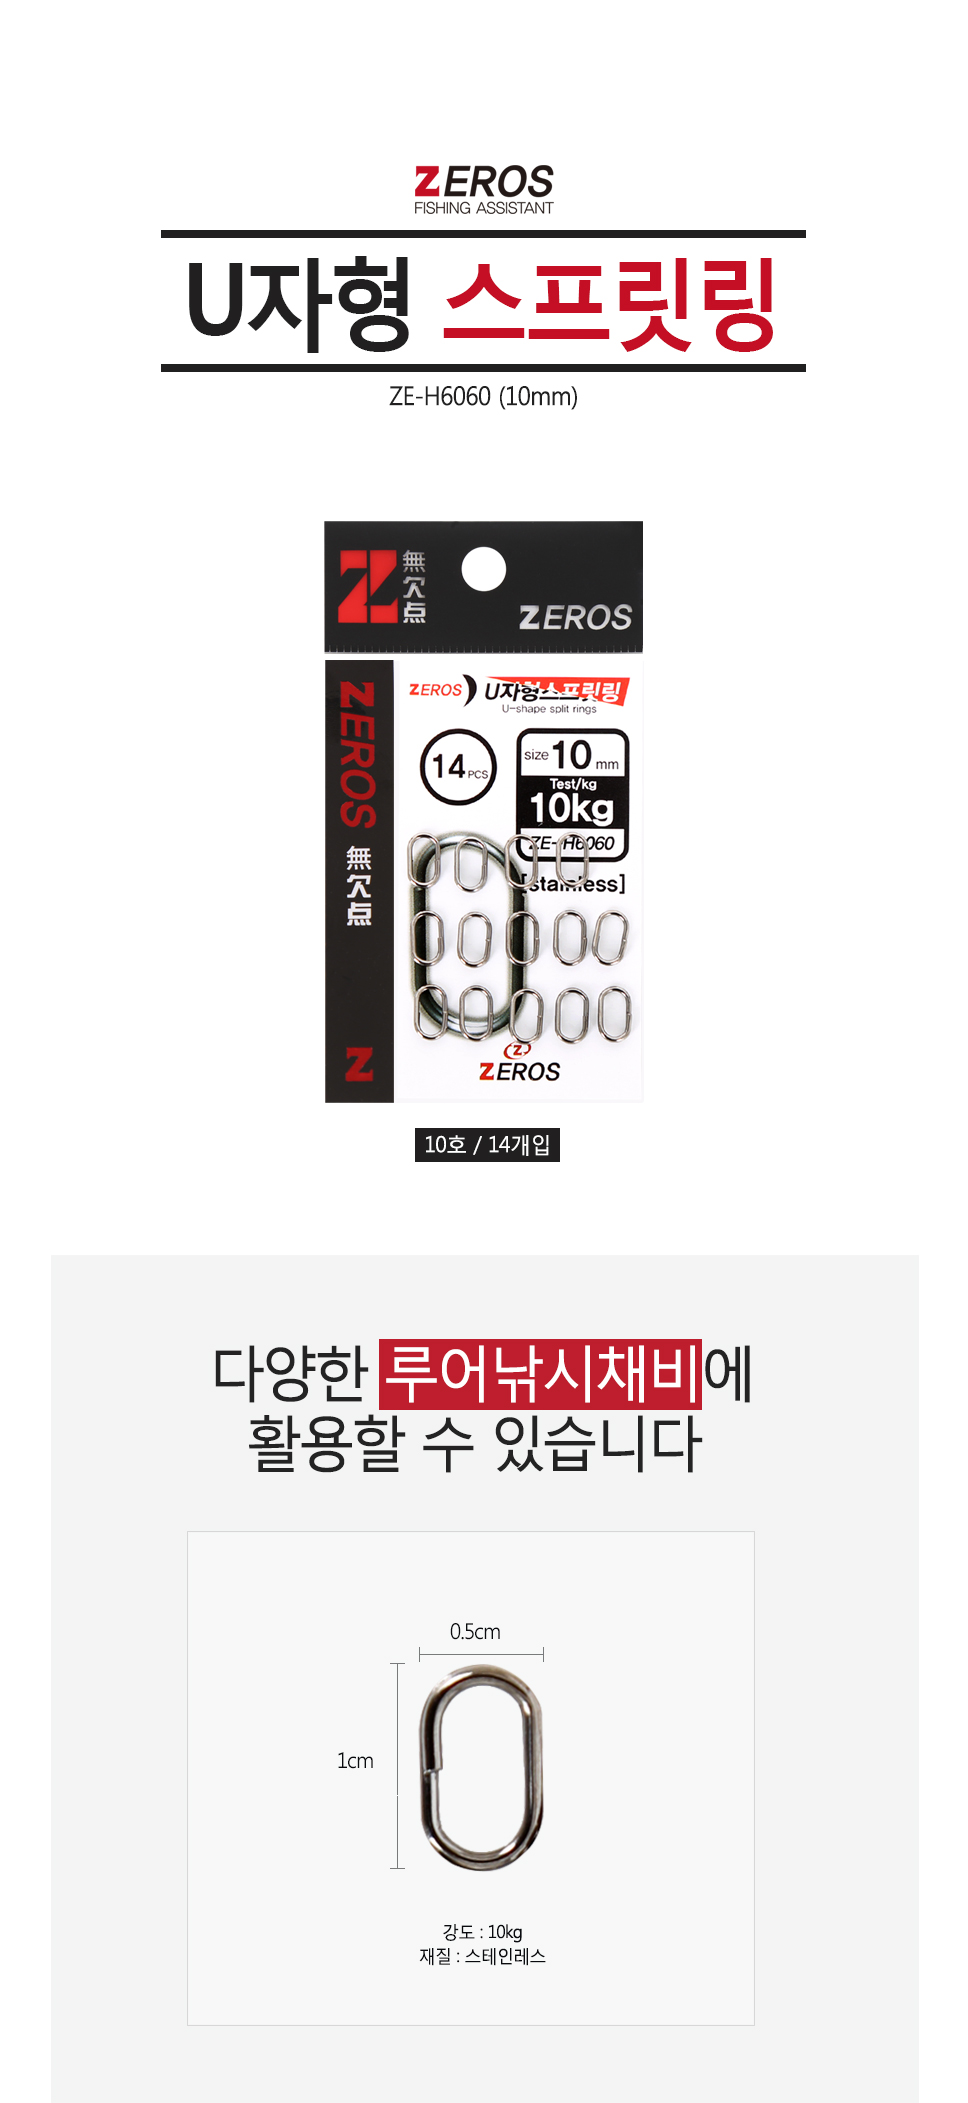 제로스 U자형 스프릿링 ZE-H6060 스프리트링 스프릿링 U자형스프릿링